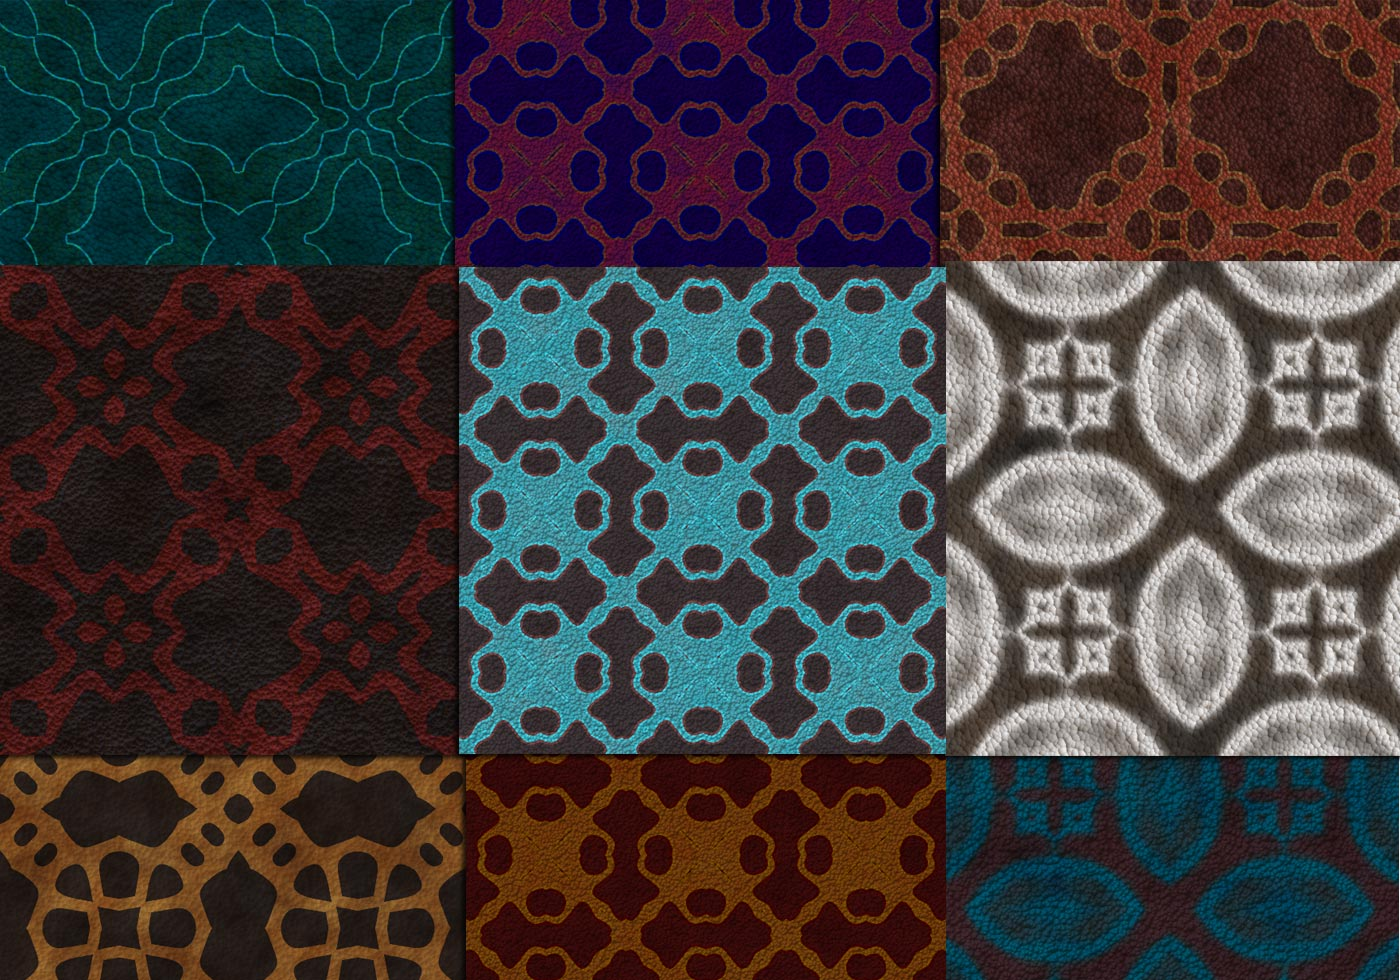 Qua S Carpet Patterns Free Photoshop Patterns At Brusheezy